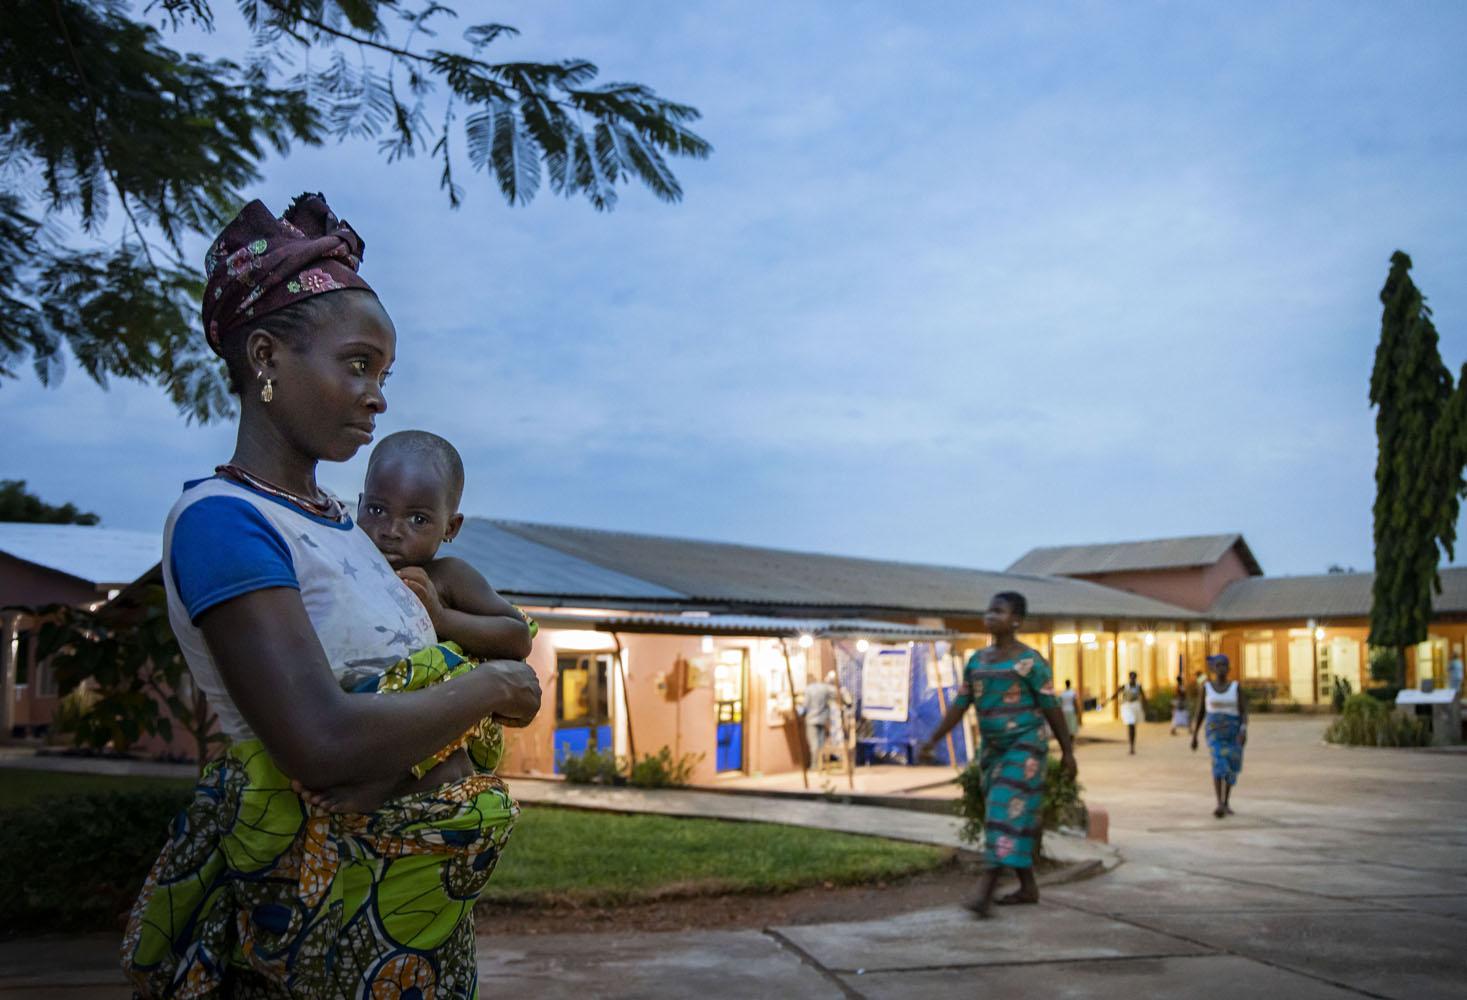 Healthcare Fotografie: eine afrikanische junge Mutter mit Baby auf dem Arm kommt abends im Krankenhaus in Gohomey, Benin an. Dämmerungsaufnahme mit beleutetem Krankenhaus und einigen Patienten im Hintergrund.